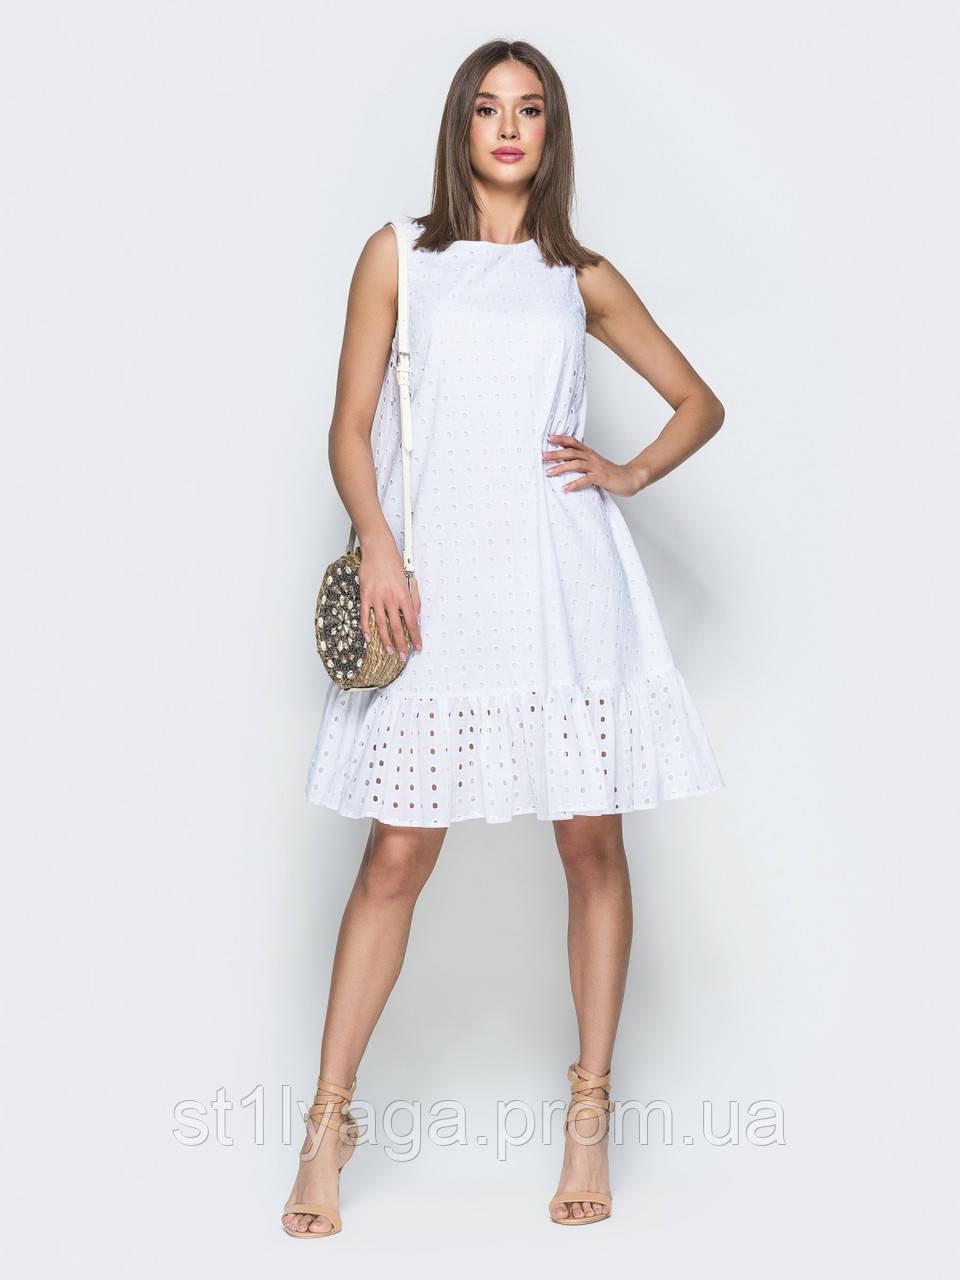 Легкое платье-трапеция из прошвы с кружевной вышивкой  ЛЕТО